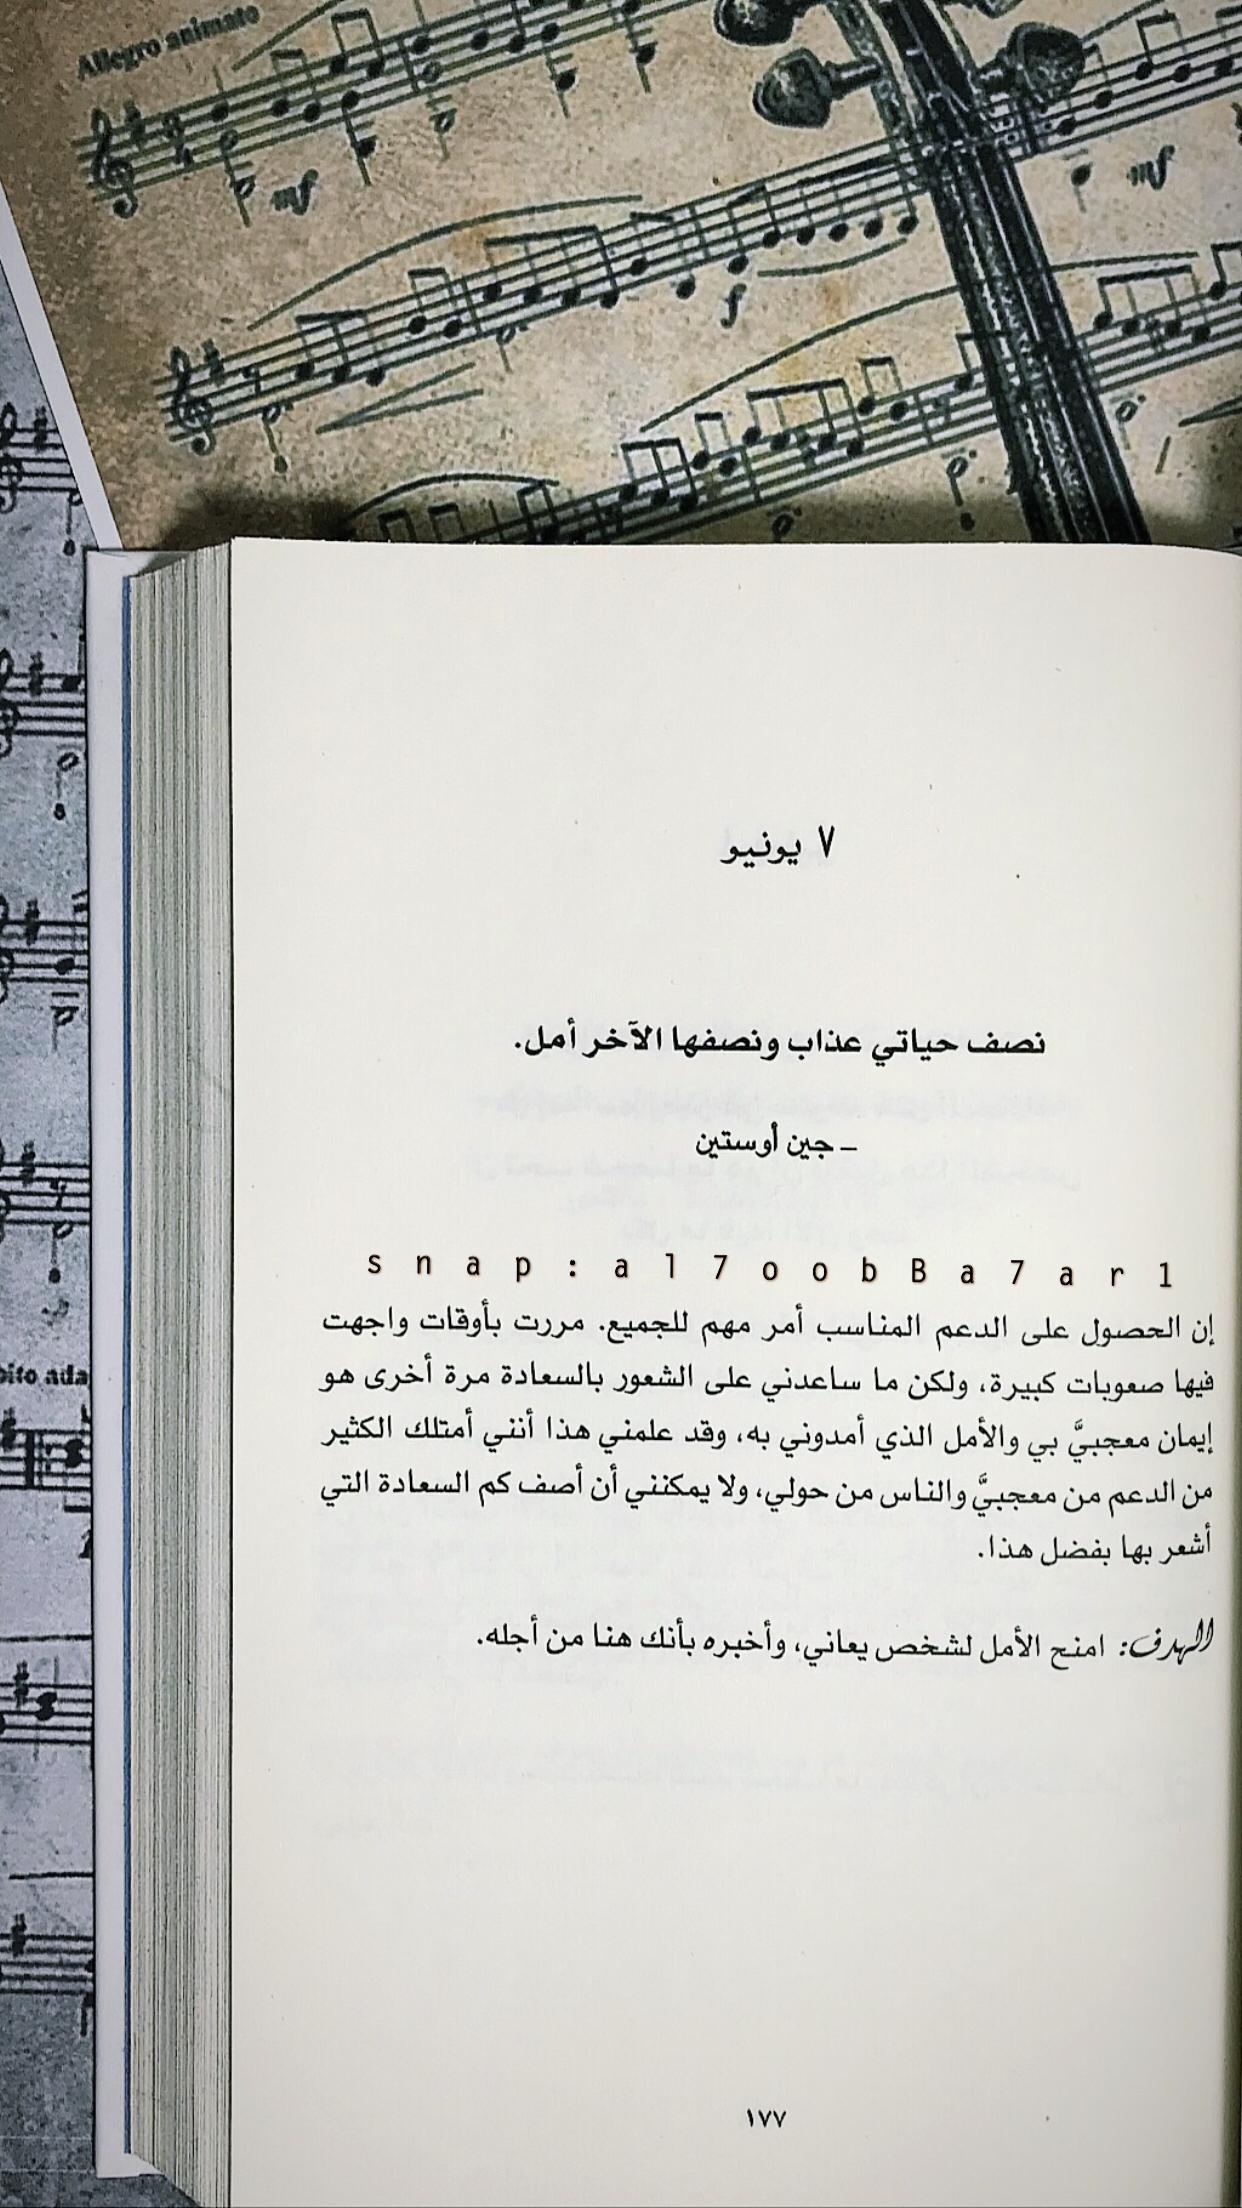 إن الح صول على الد عم الم ناس ب أمر مهم لـ الجميع 7 يونيو يونيو June مواليد يونيو شهر Book Qoutes Arabic Quotes Words